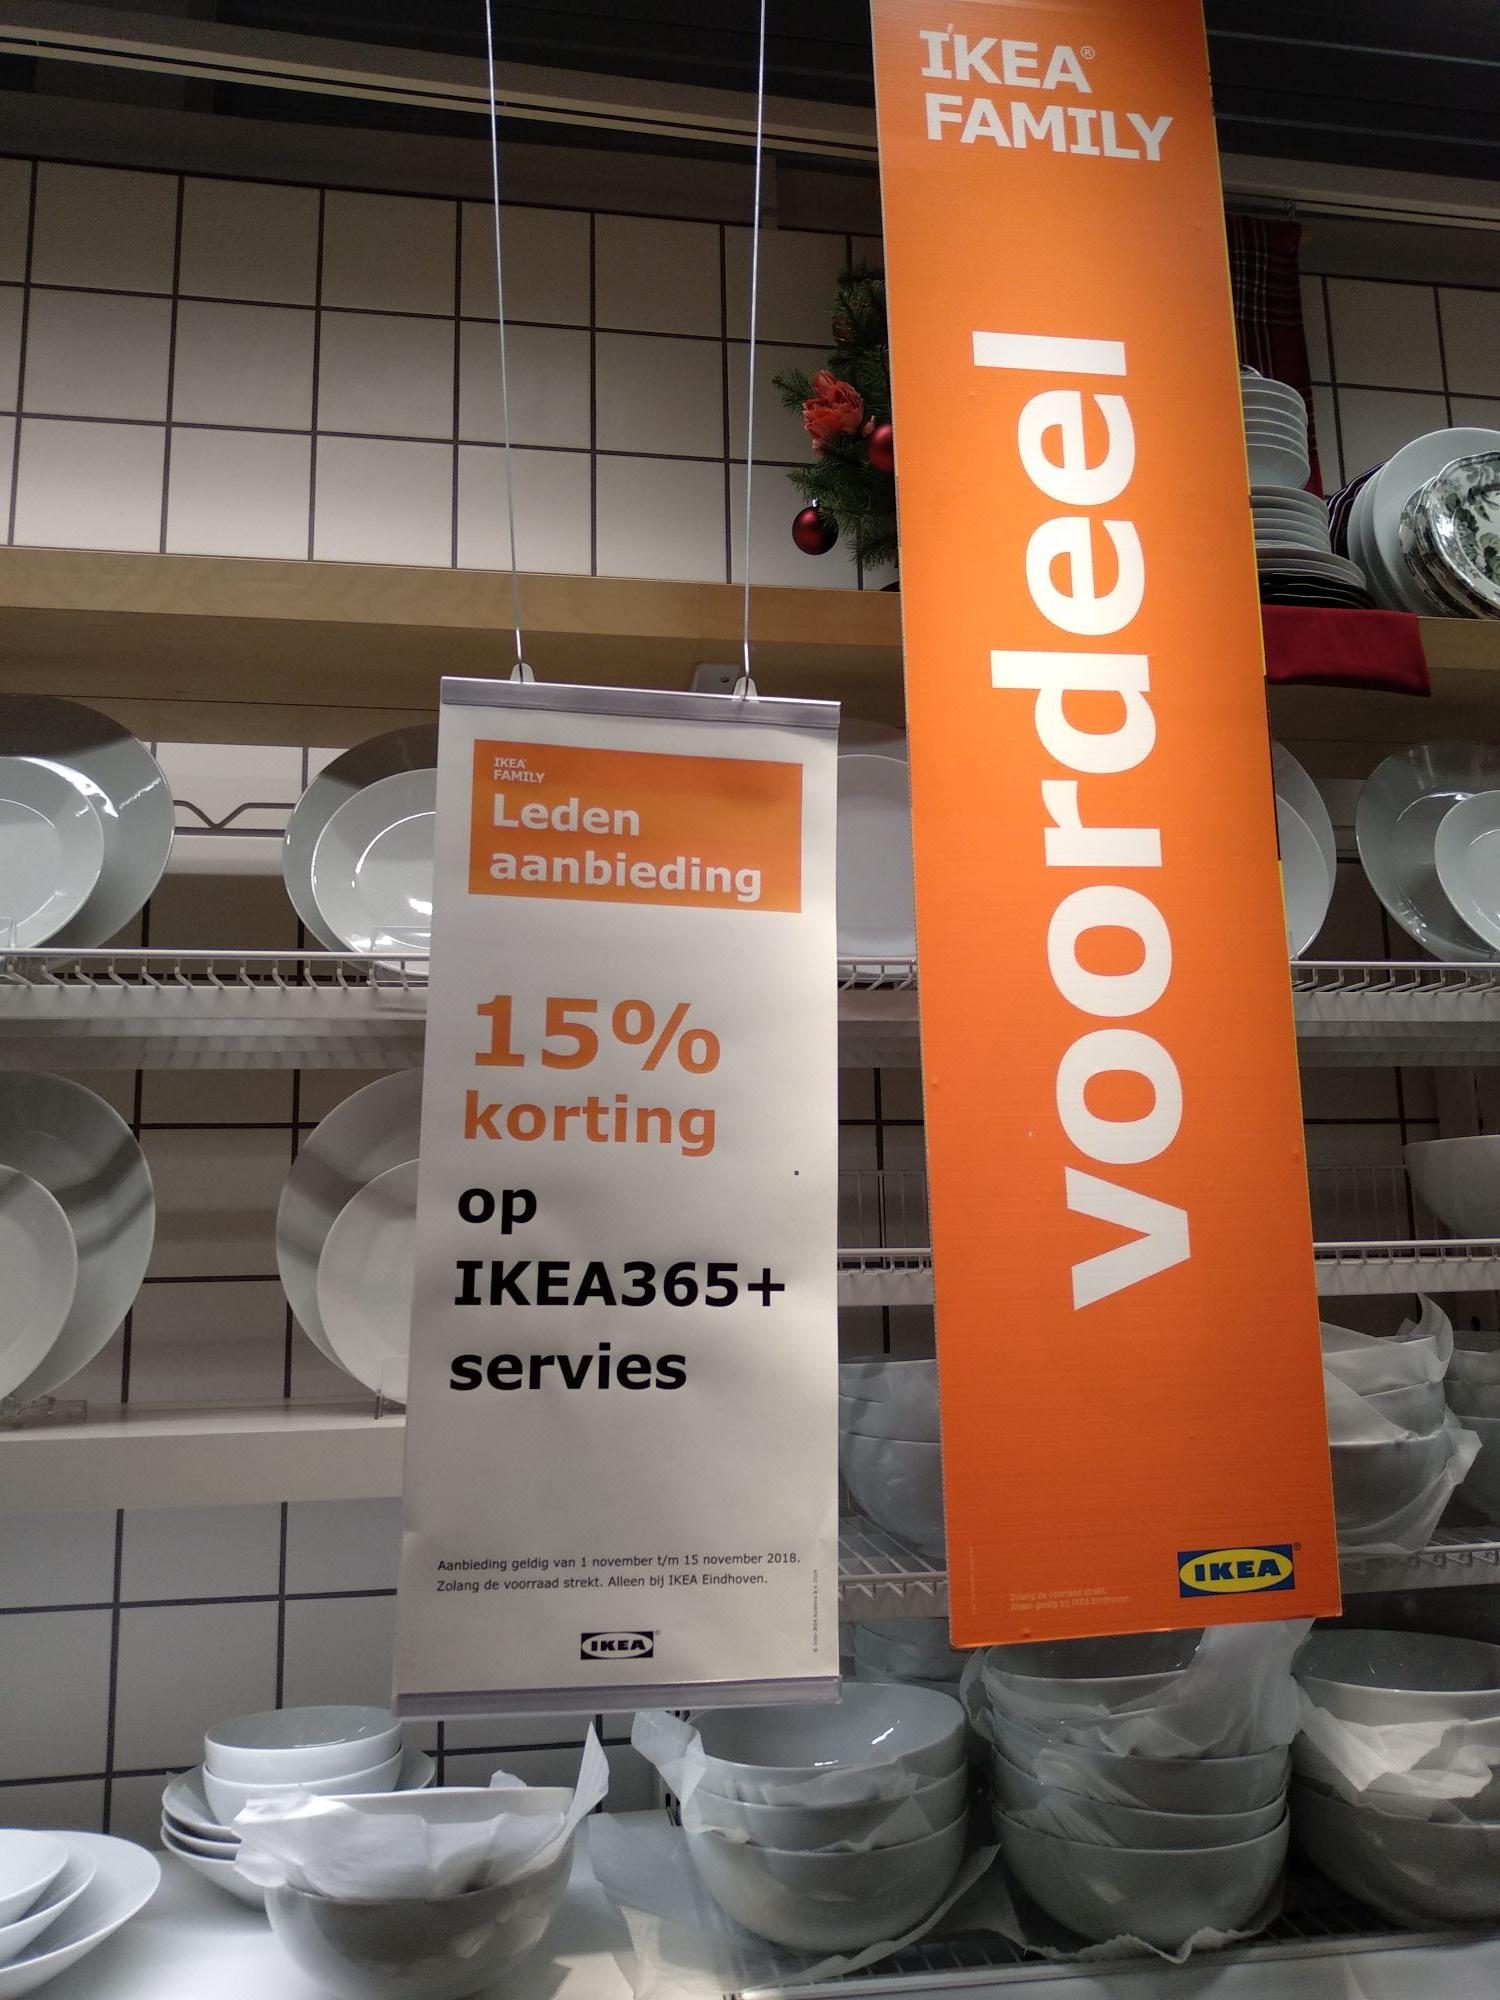 15% korting op IKEA 365+ servies @ IKEA Eindhoven